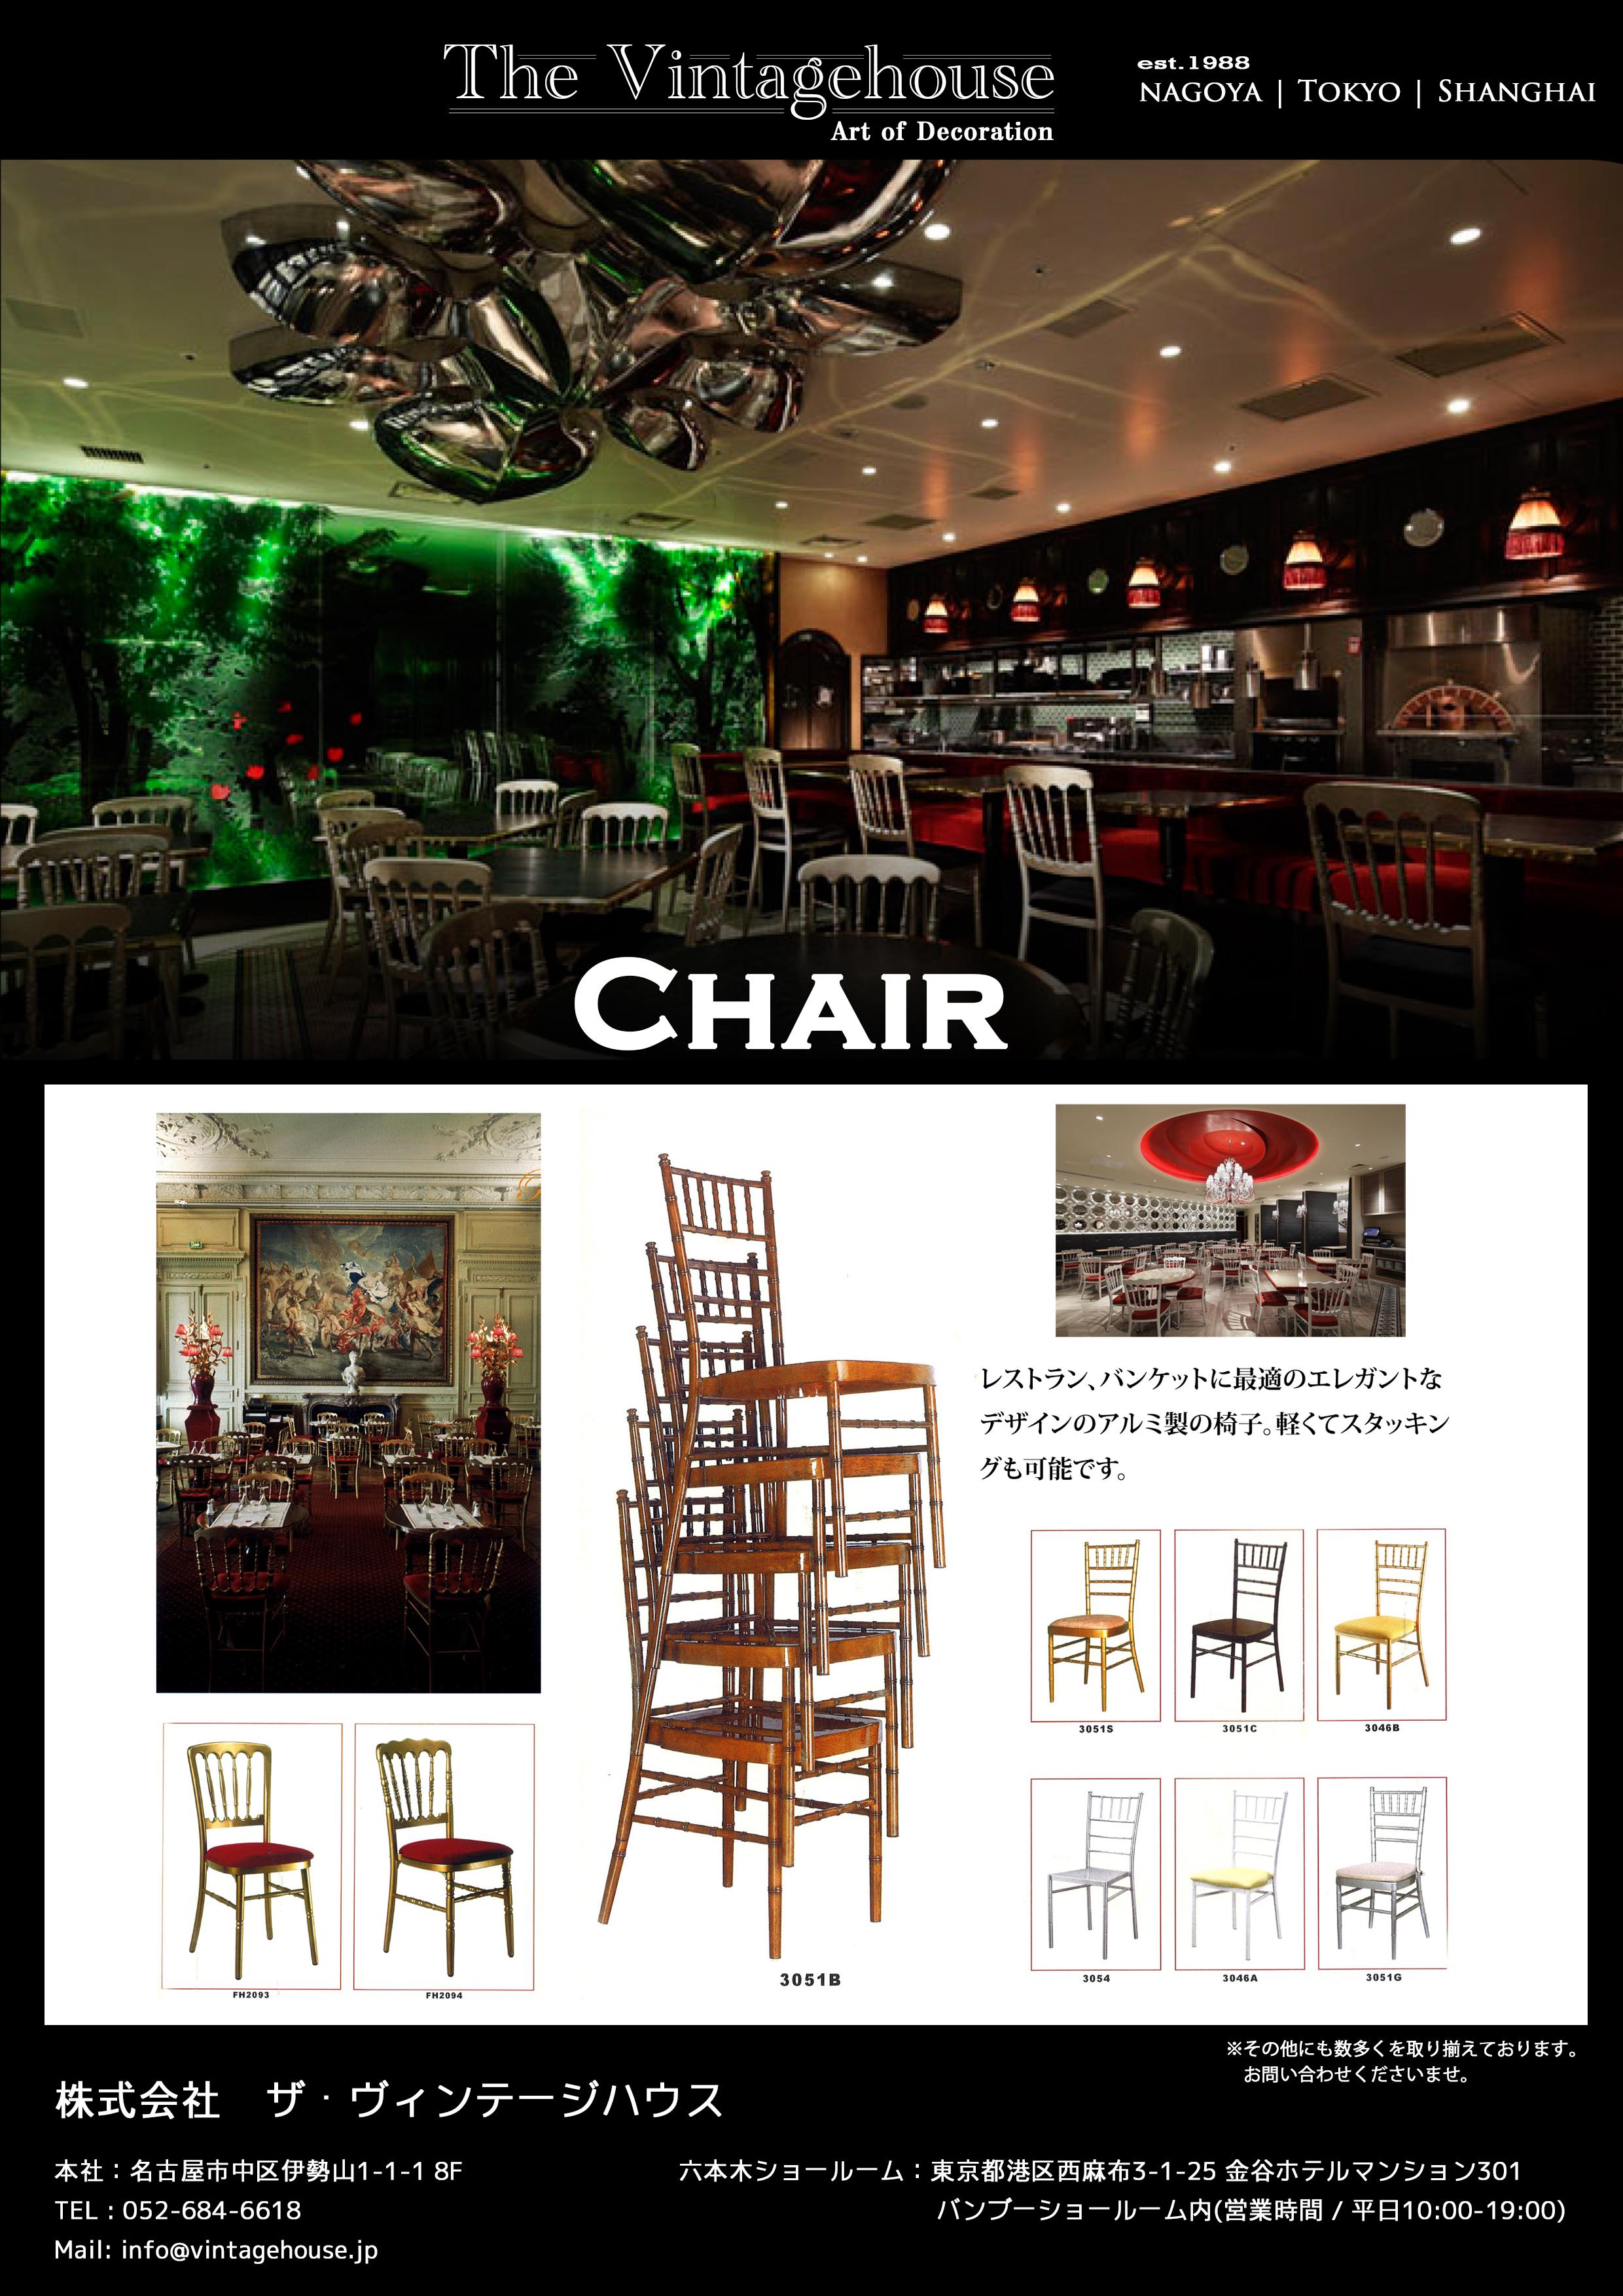 アルミチェア chair ヴィンテージハウス 結婚式 レストラン 椅子 vintagehouse